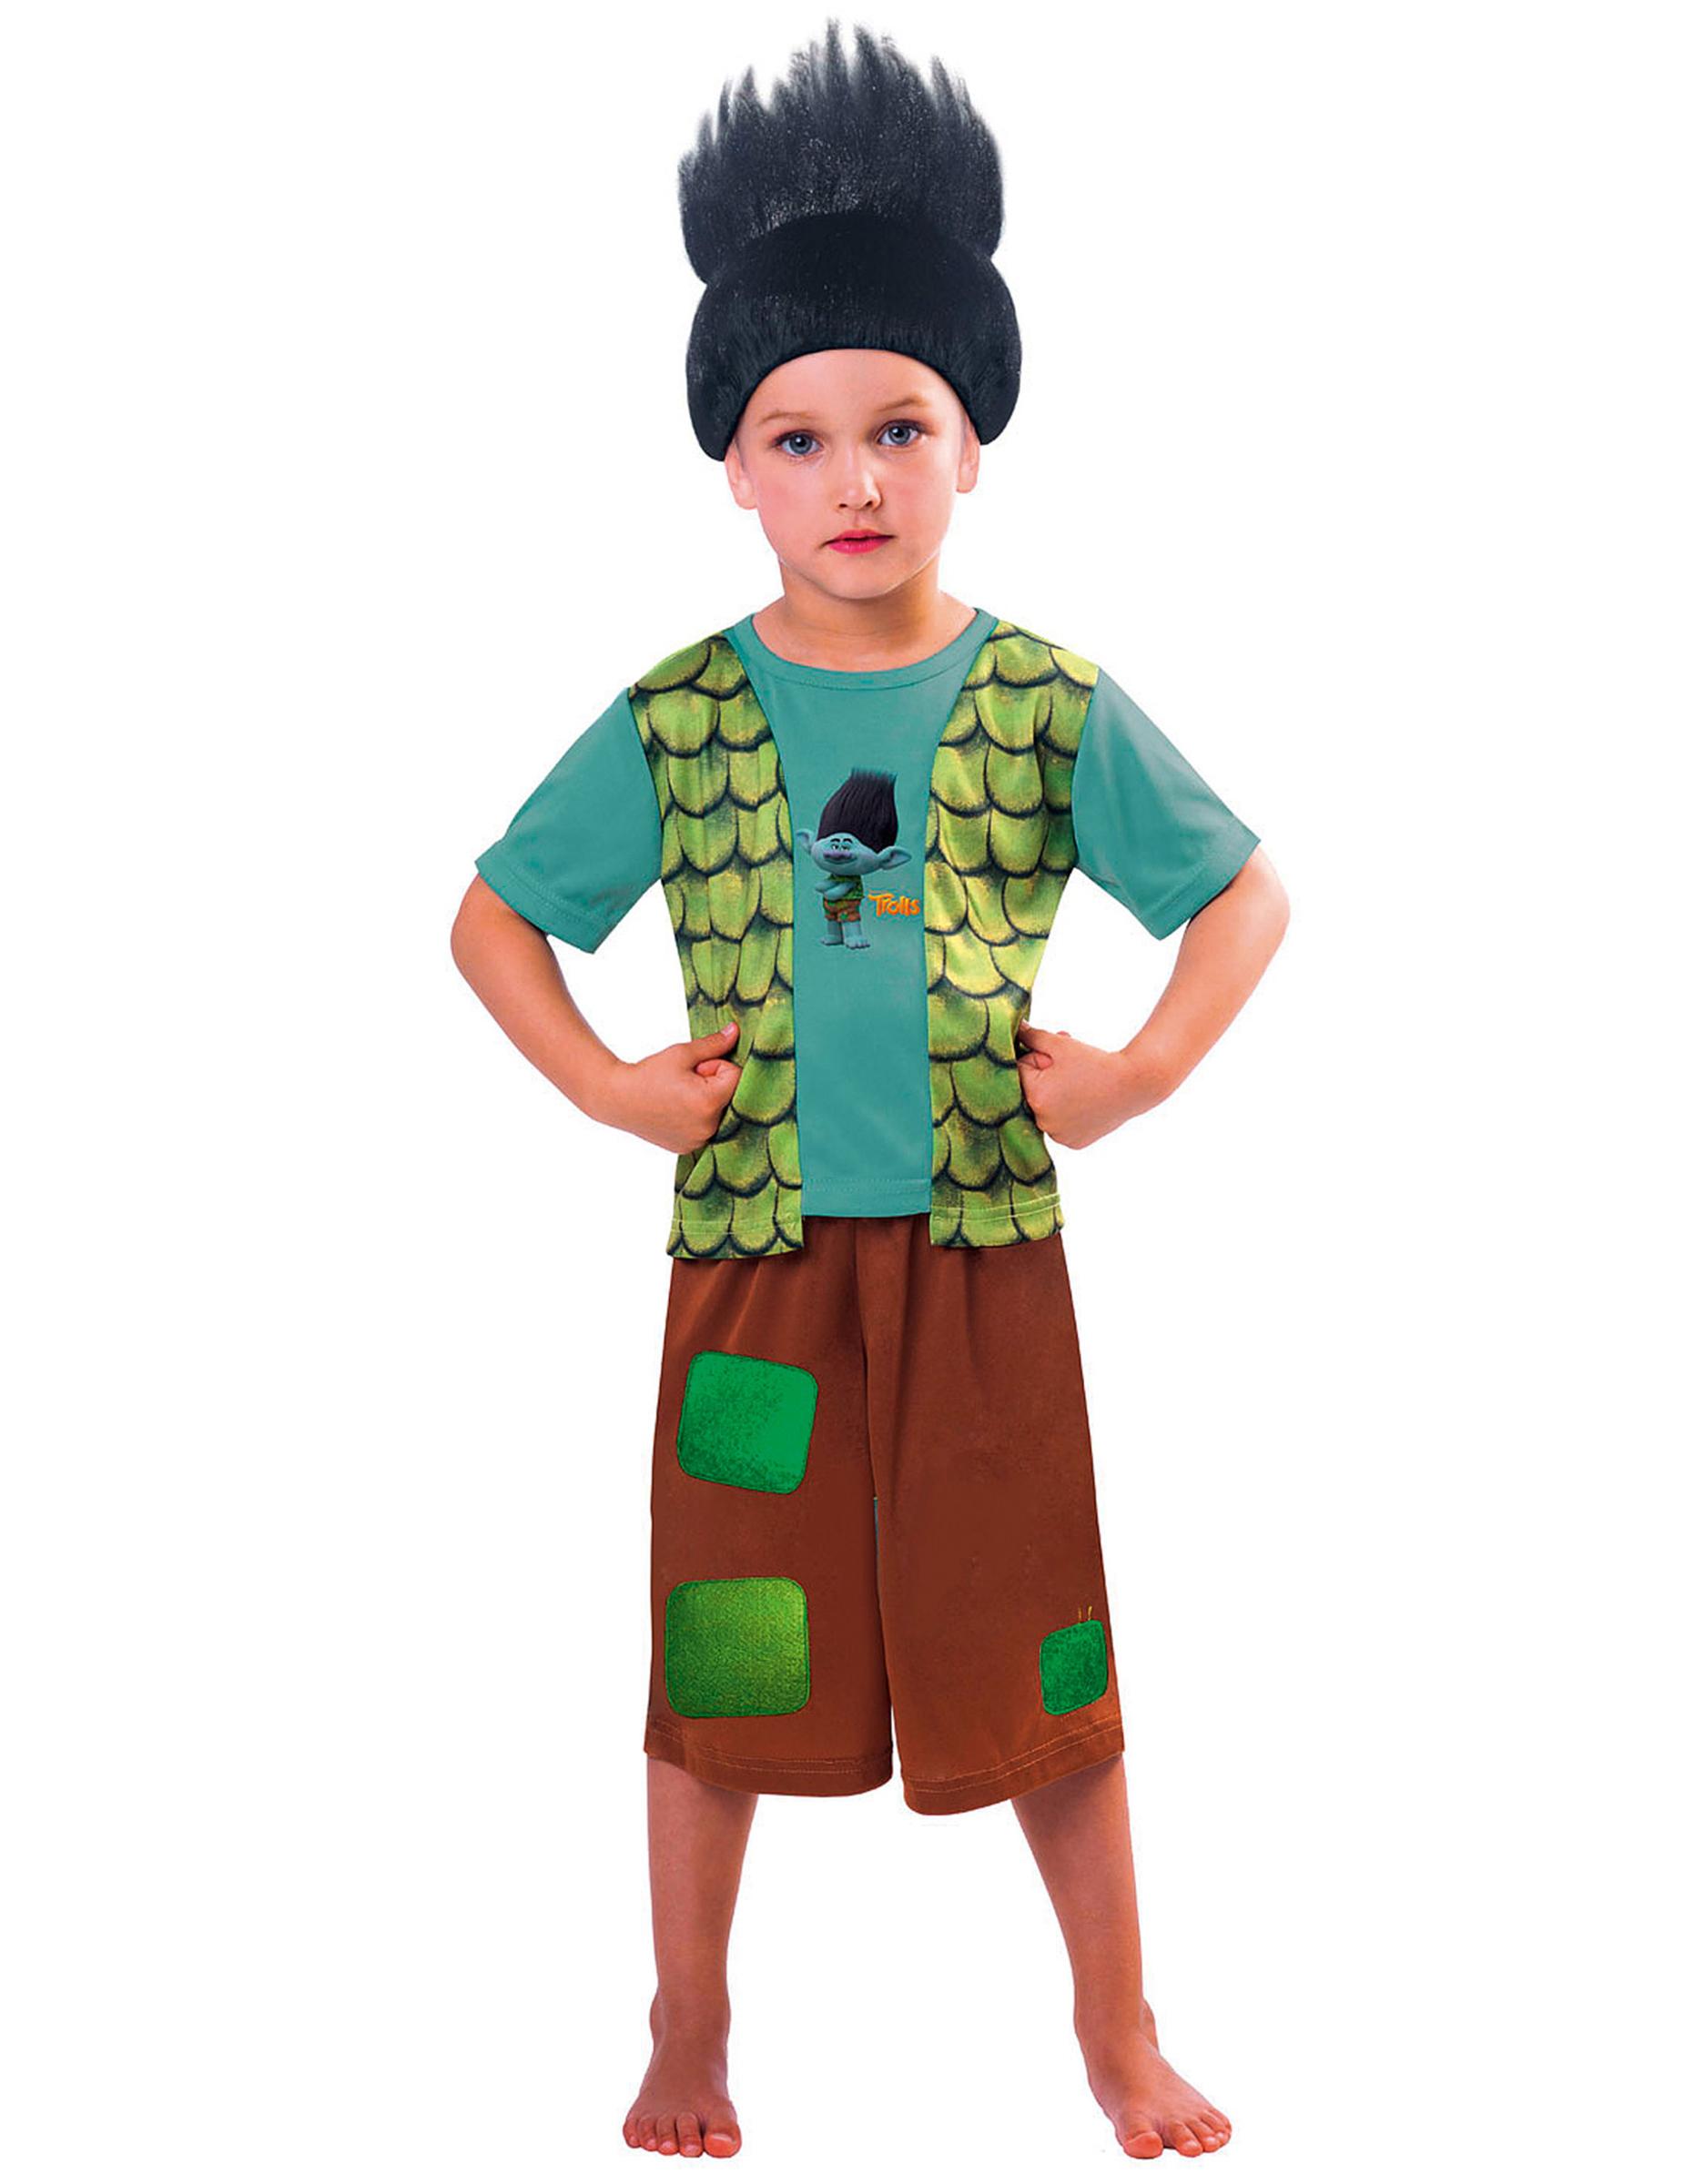 Vestiti Di Branche Costumi Bambini Bambino I Costume Trolls™ e Per 1wzdqq8